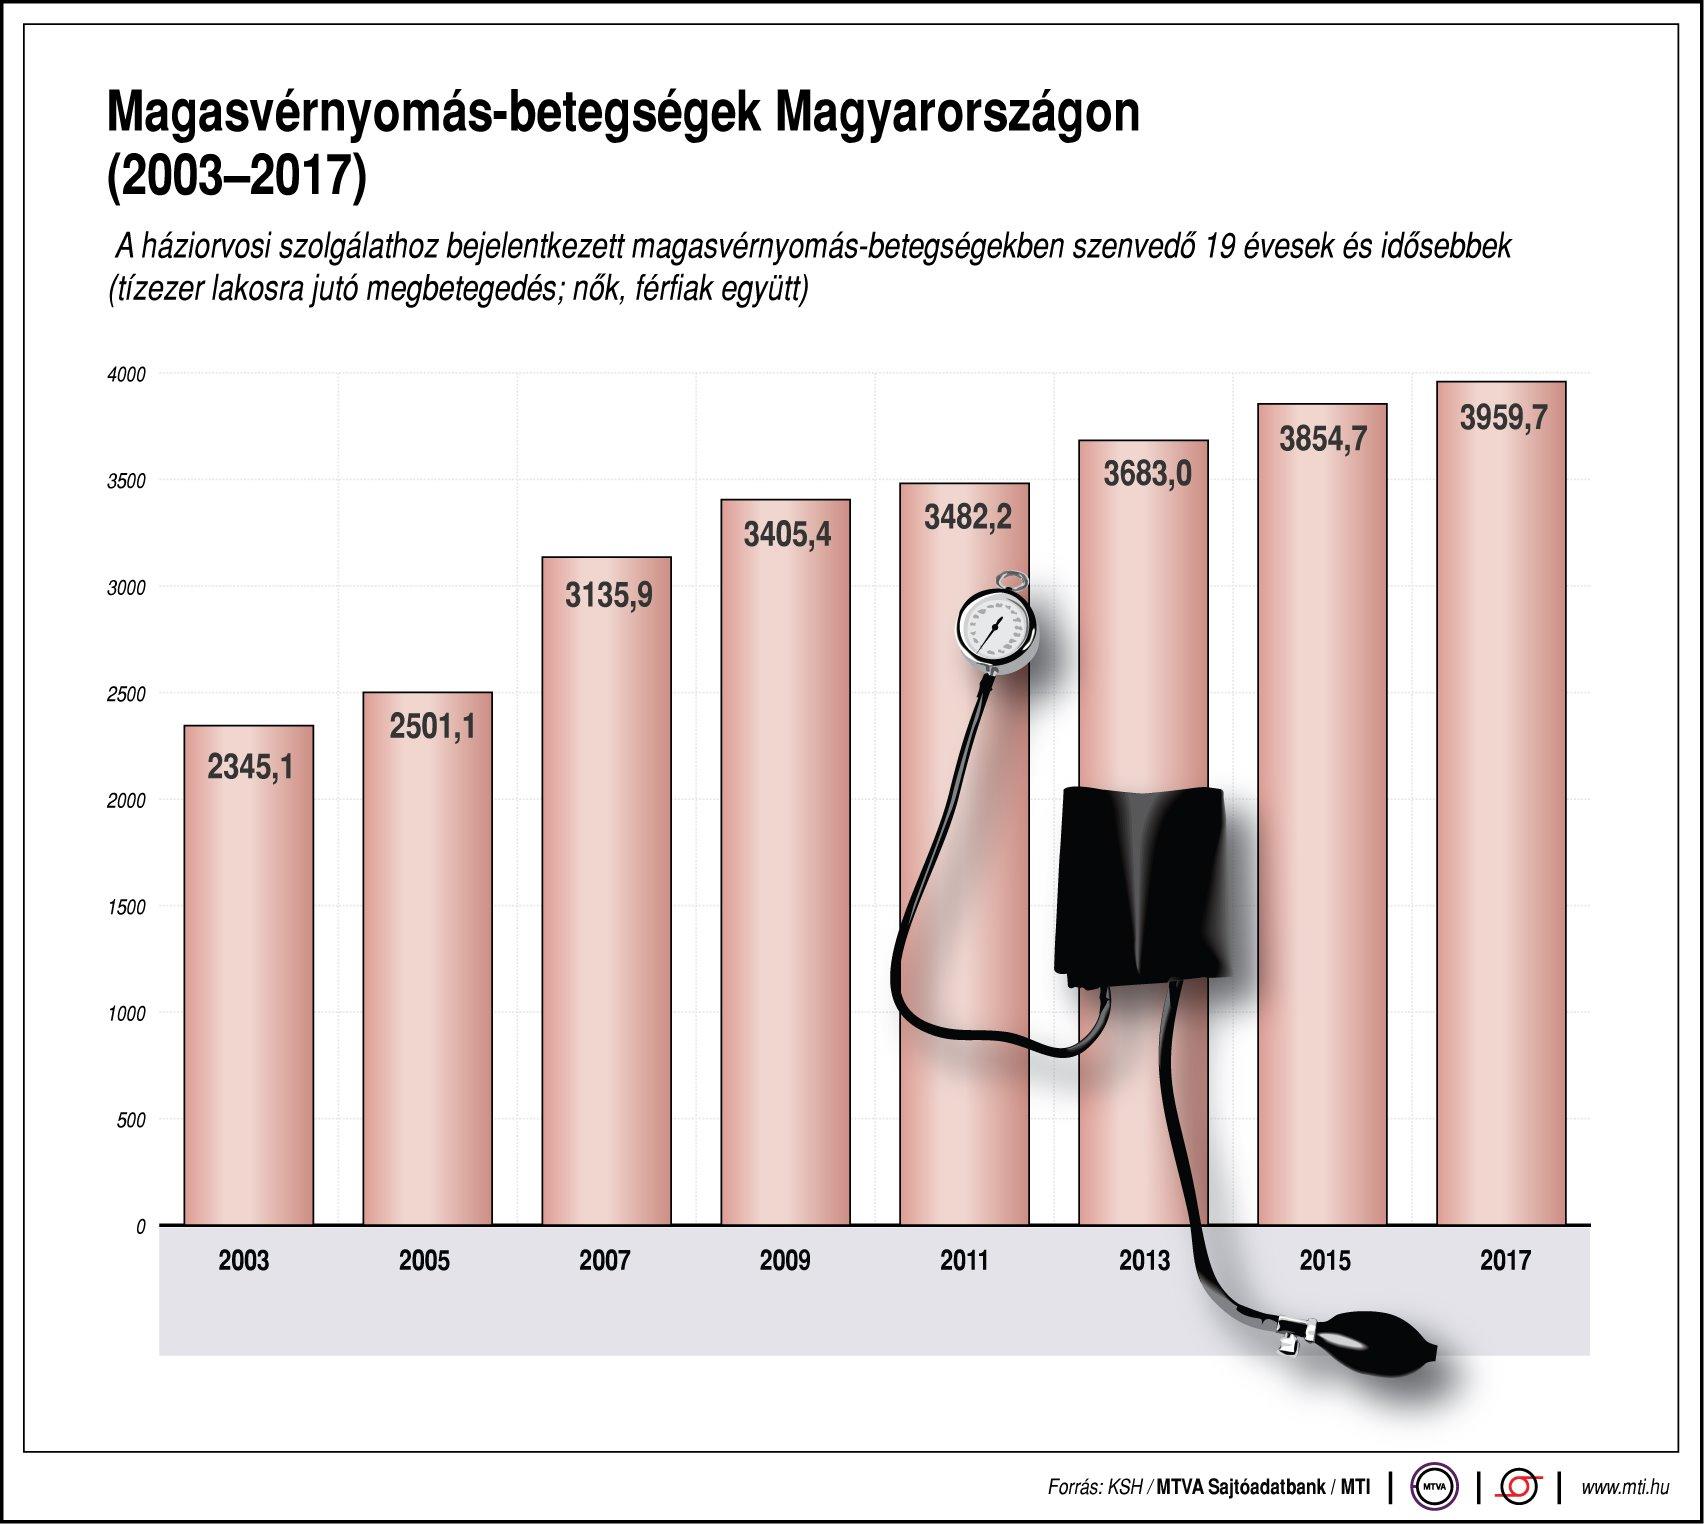 amit nem ehet magas vérnyomás magas vérnyomás esetén magas vérnyomás elleni gyógyszerek fórumok